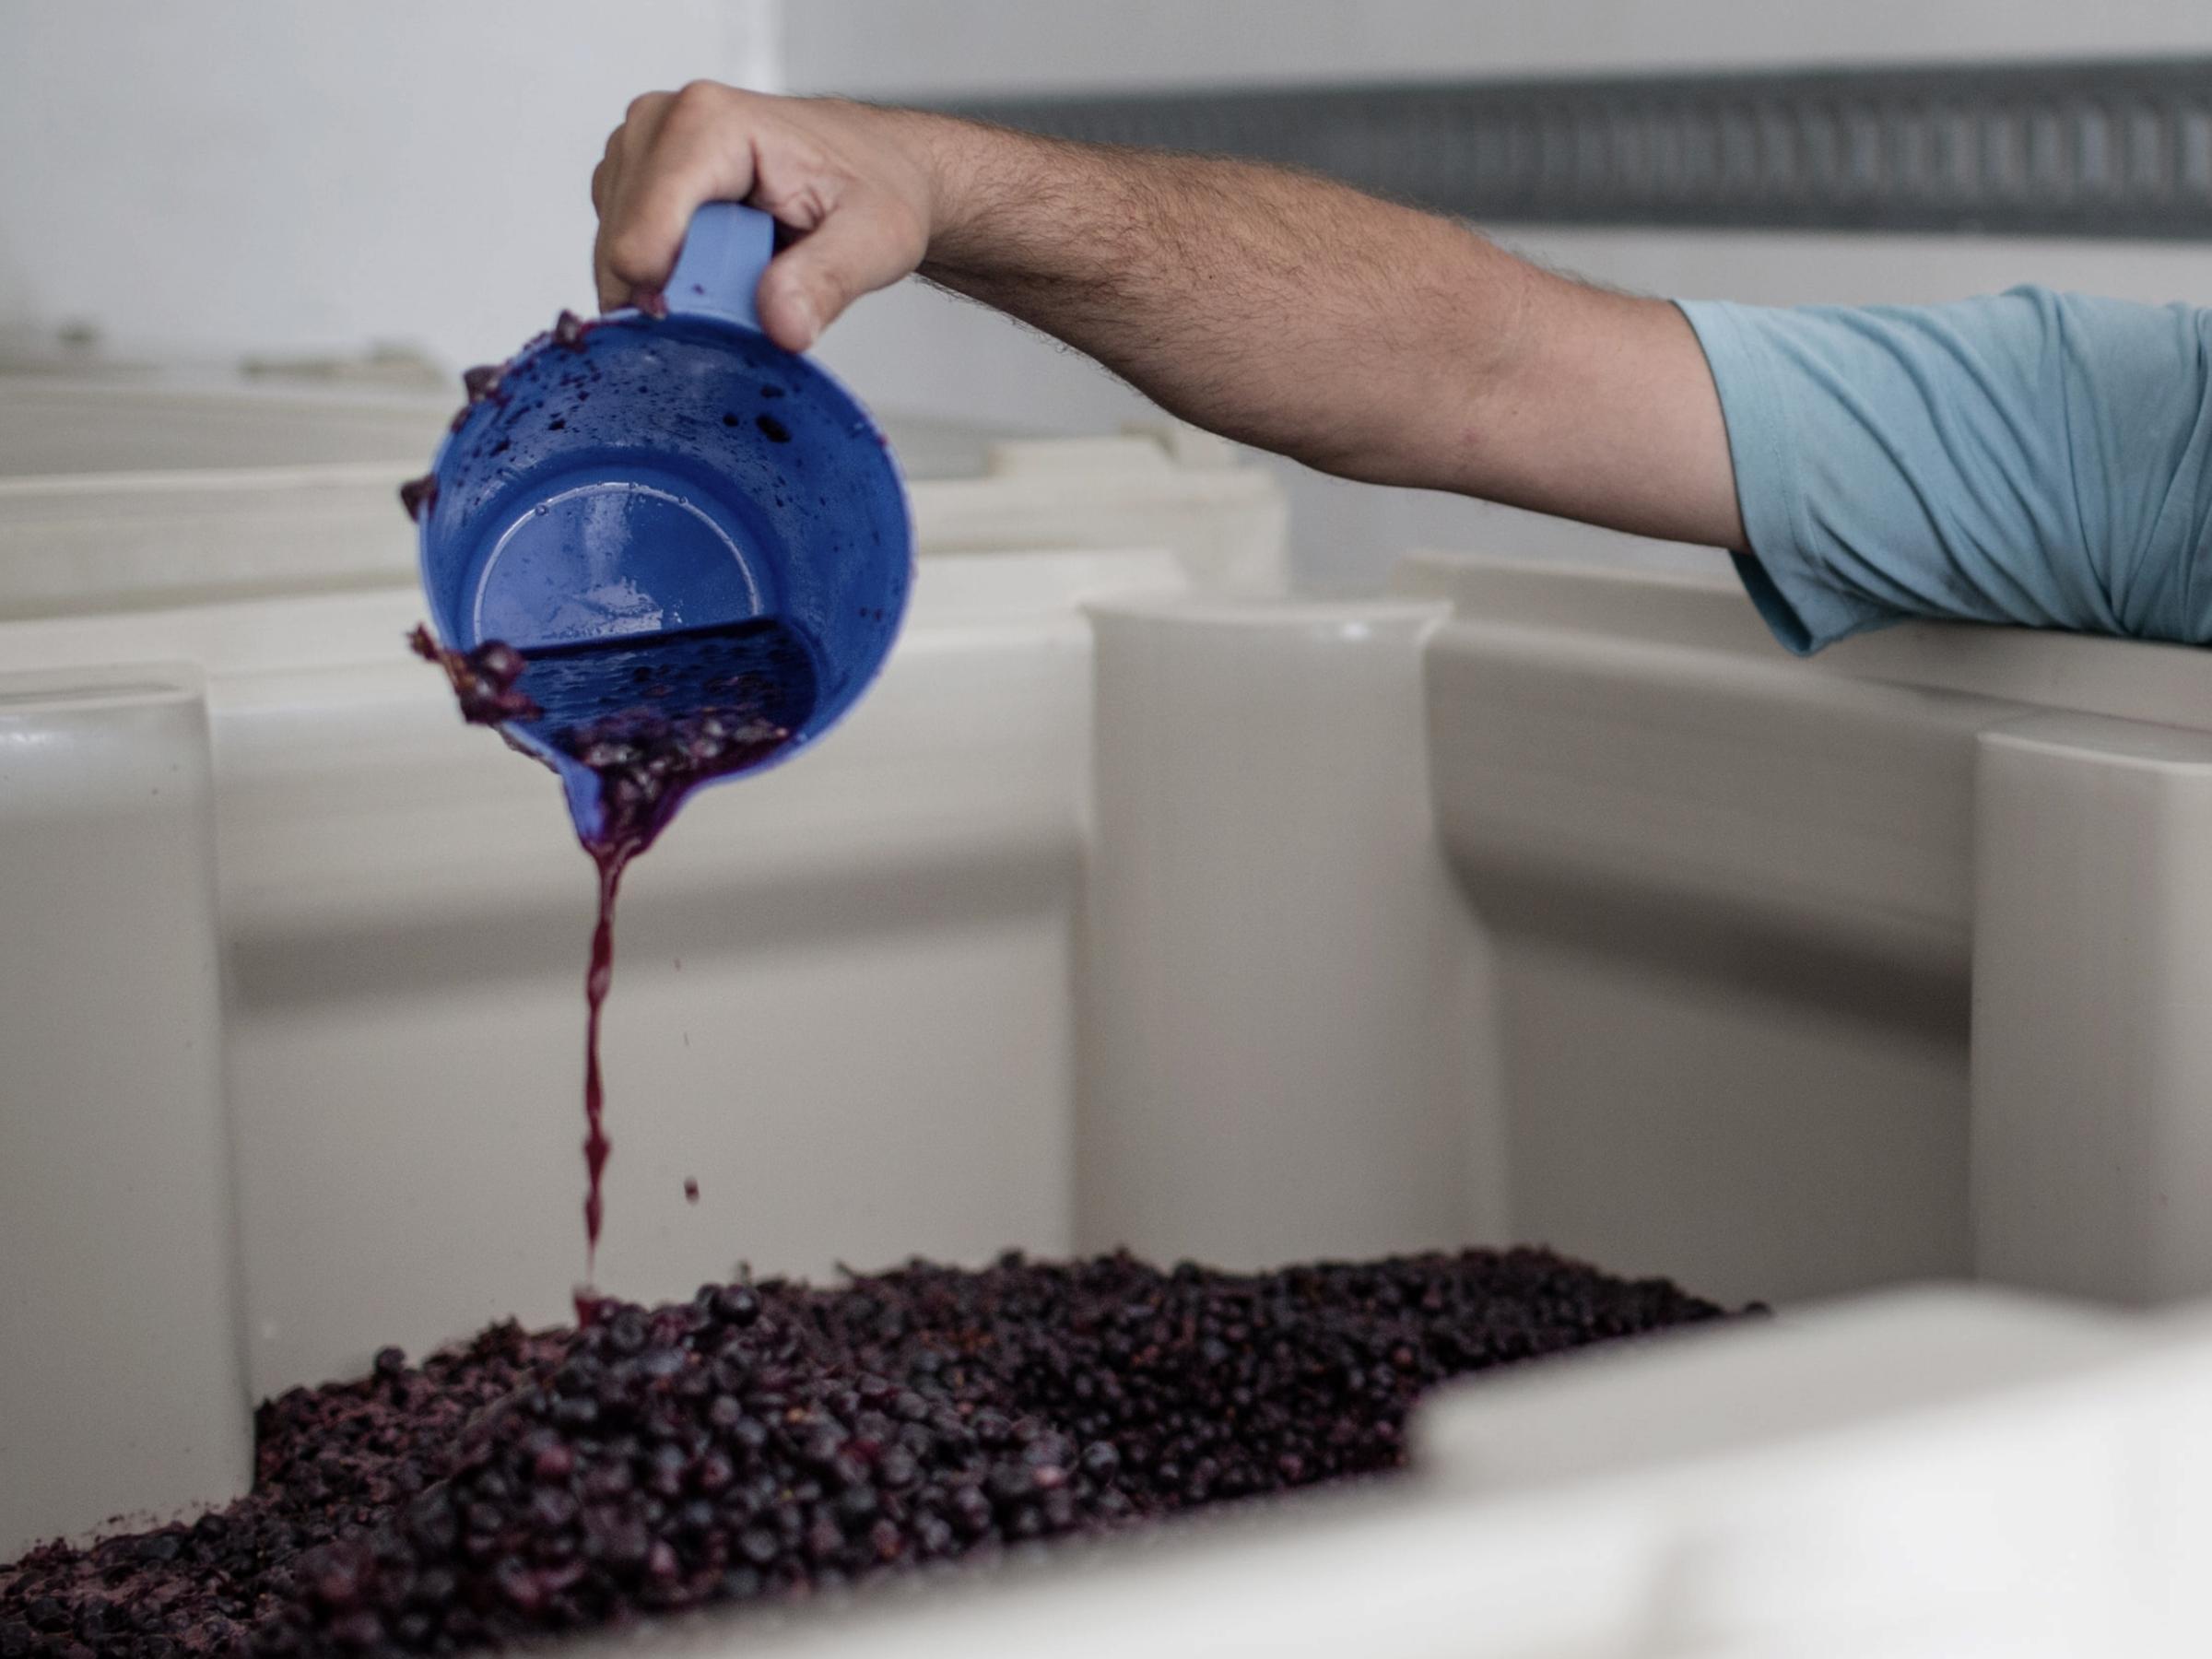 https://a.storyblok.com/f/105614/4478x3358/469fd63667/ward-wines_011.jpg